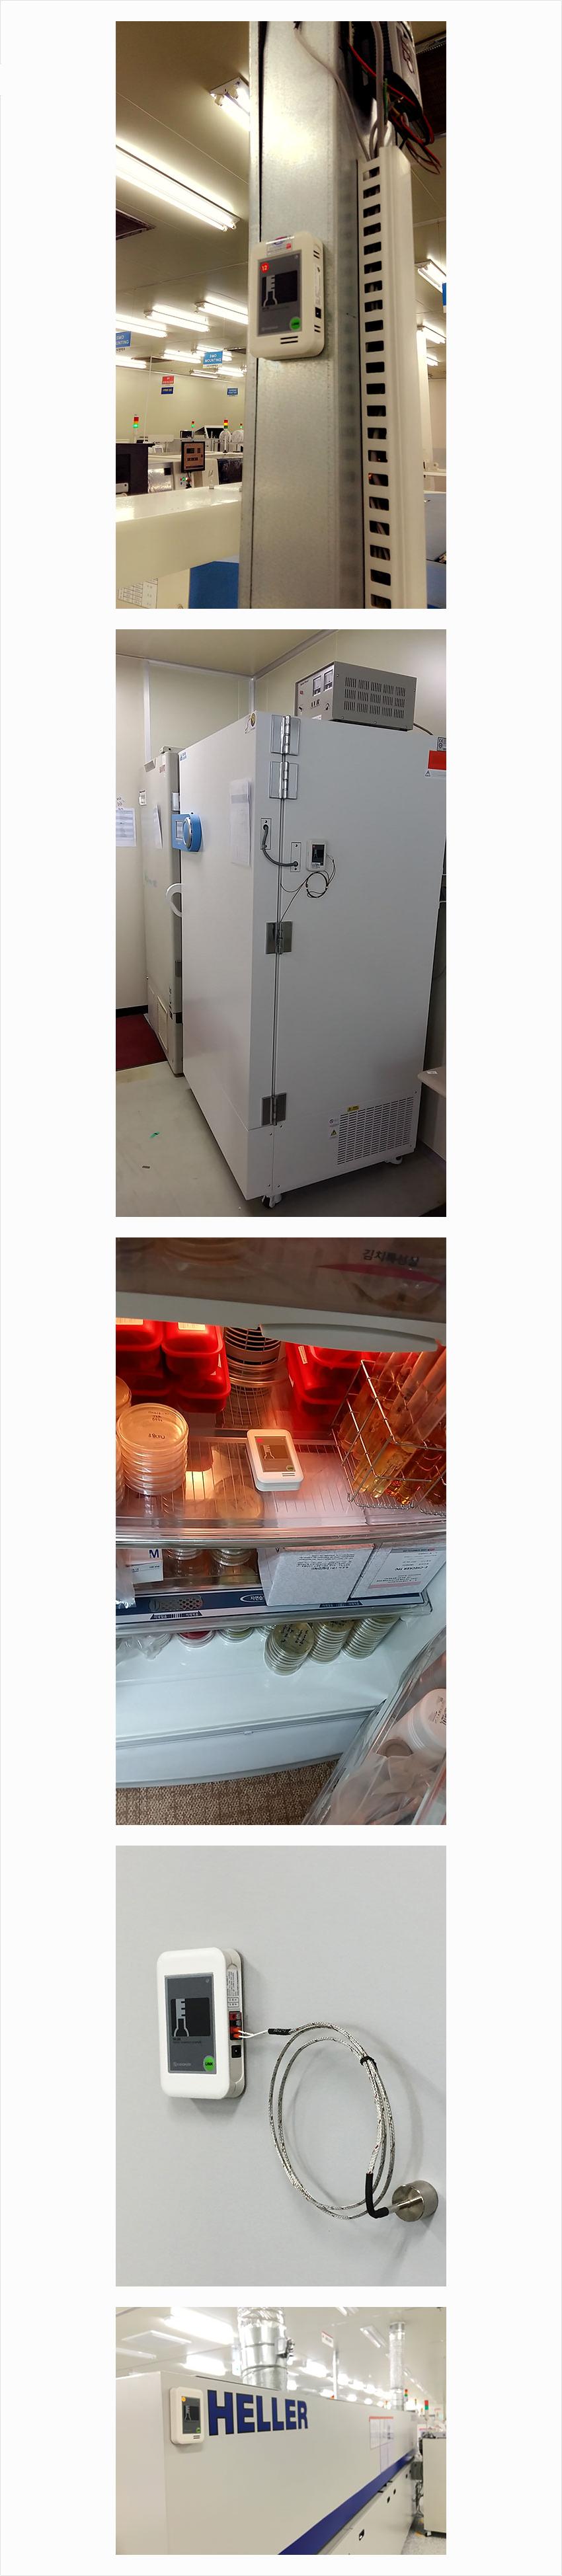 (주)와이즈맥스 무선 온습도 센서 (2.4Gh 무선통신 방식) RN-300-1 2